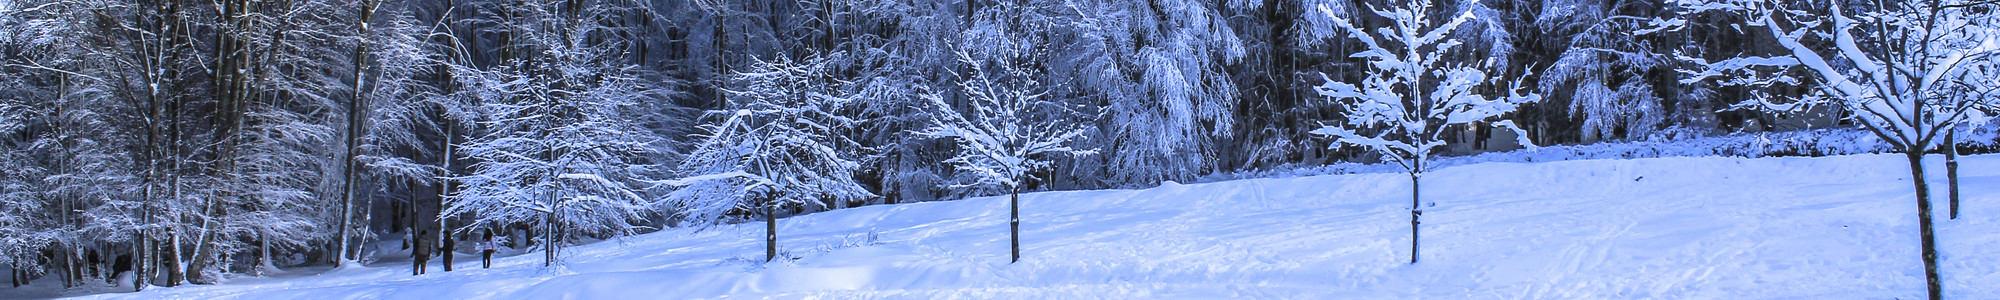 01 neige vizzavona